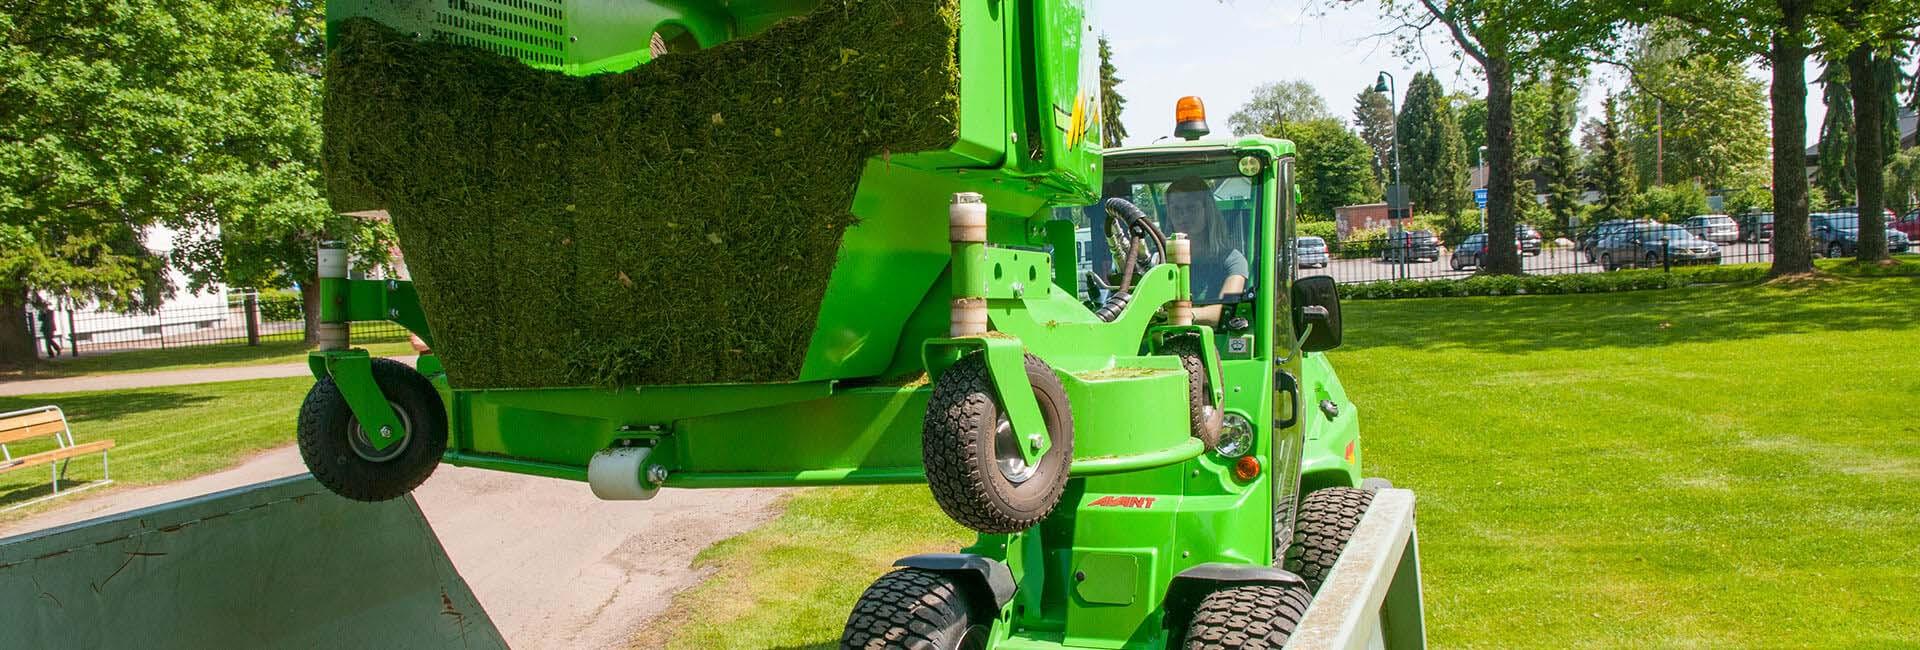 miljøbillede af AVANT med græsklipper 1500 med opsamlerboks monteret